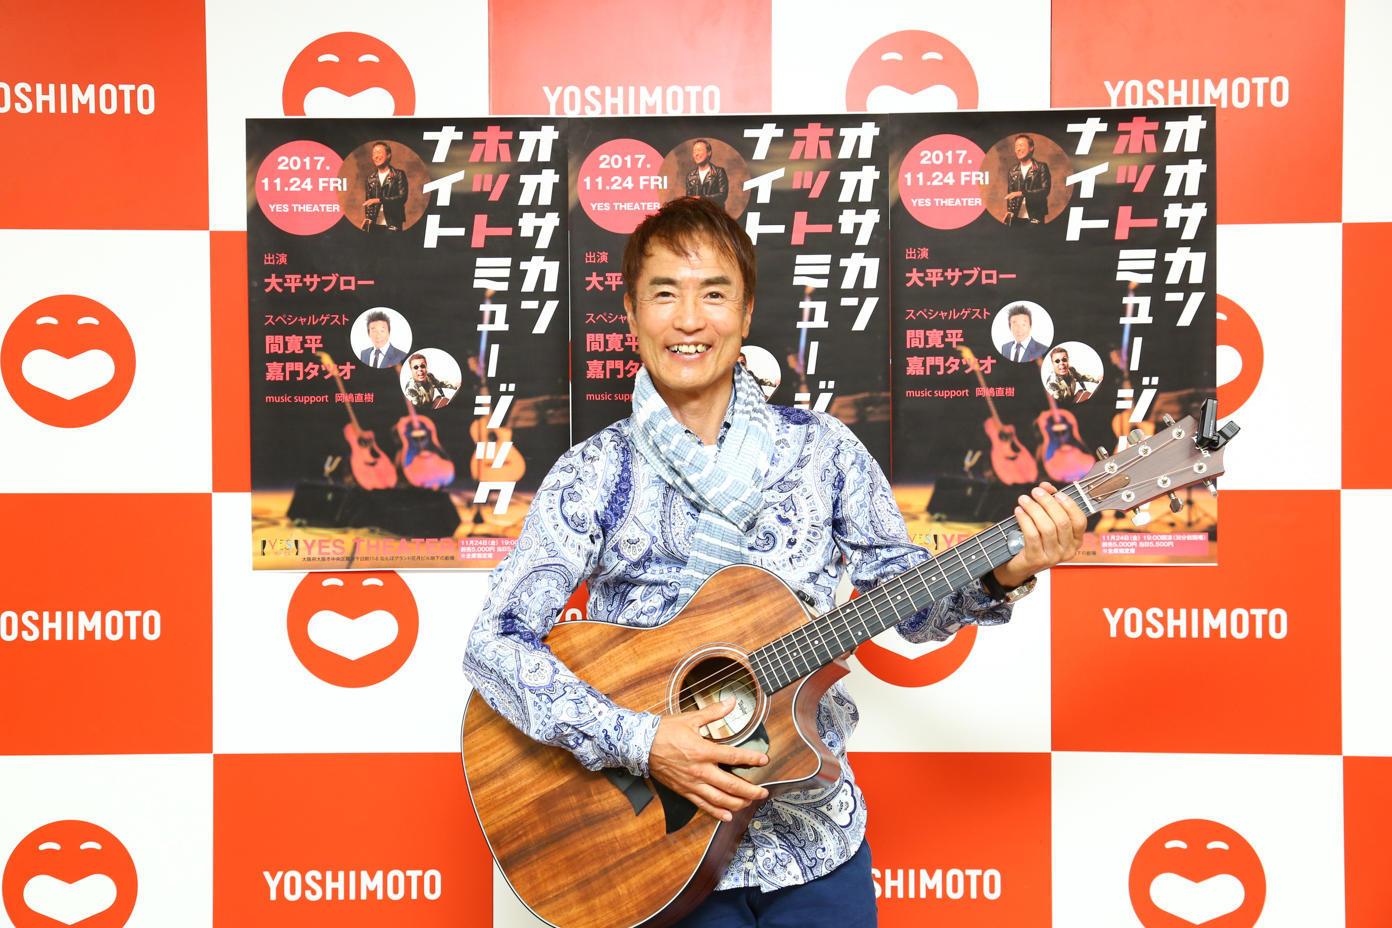 http://news.yoshimoto.co.jp/20170929093231-b3ca45b6abd7ac84cdec790b51577c381a4e9d94.jpg